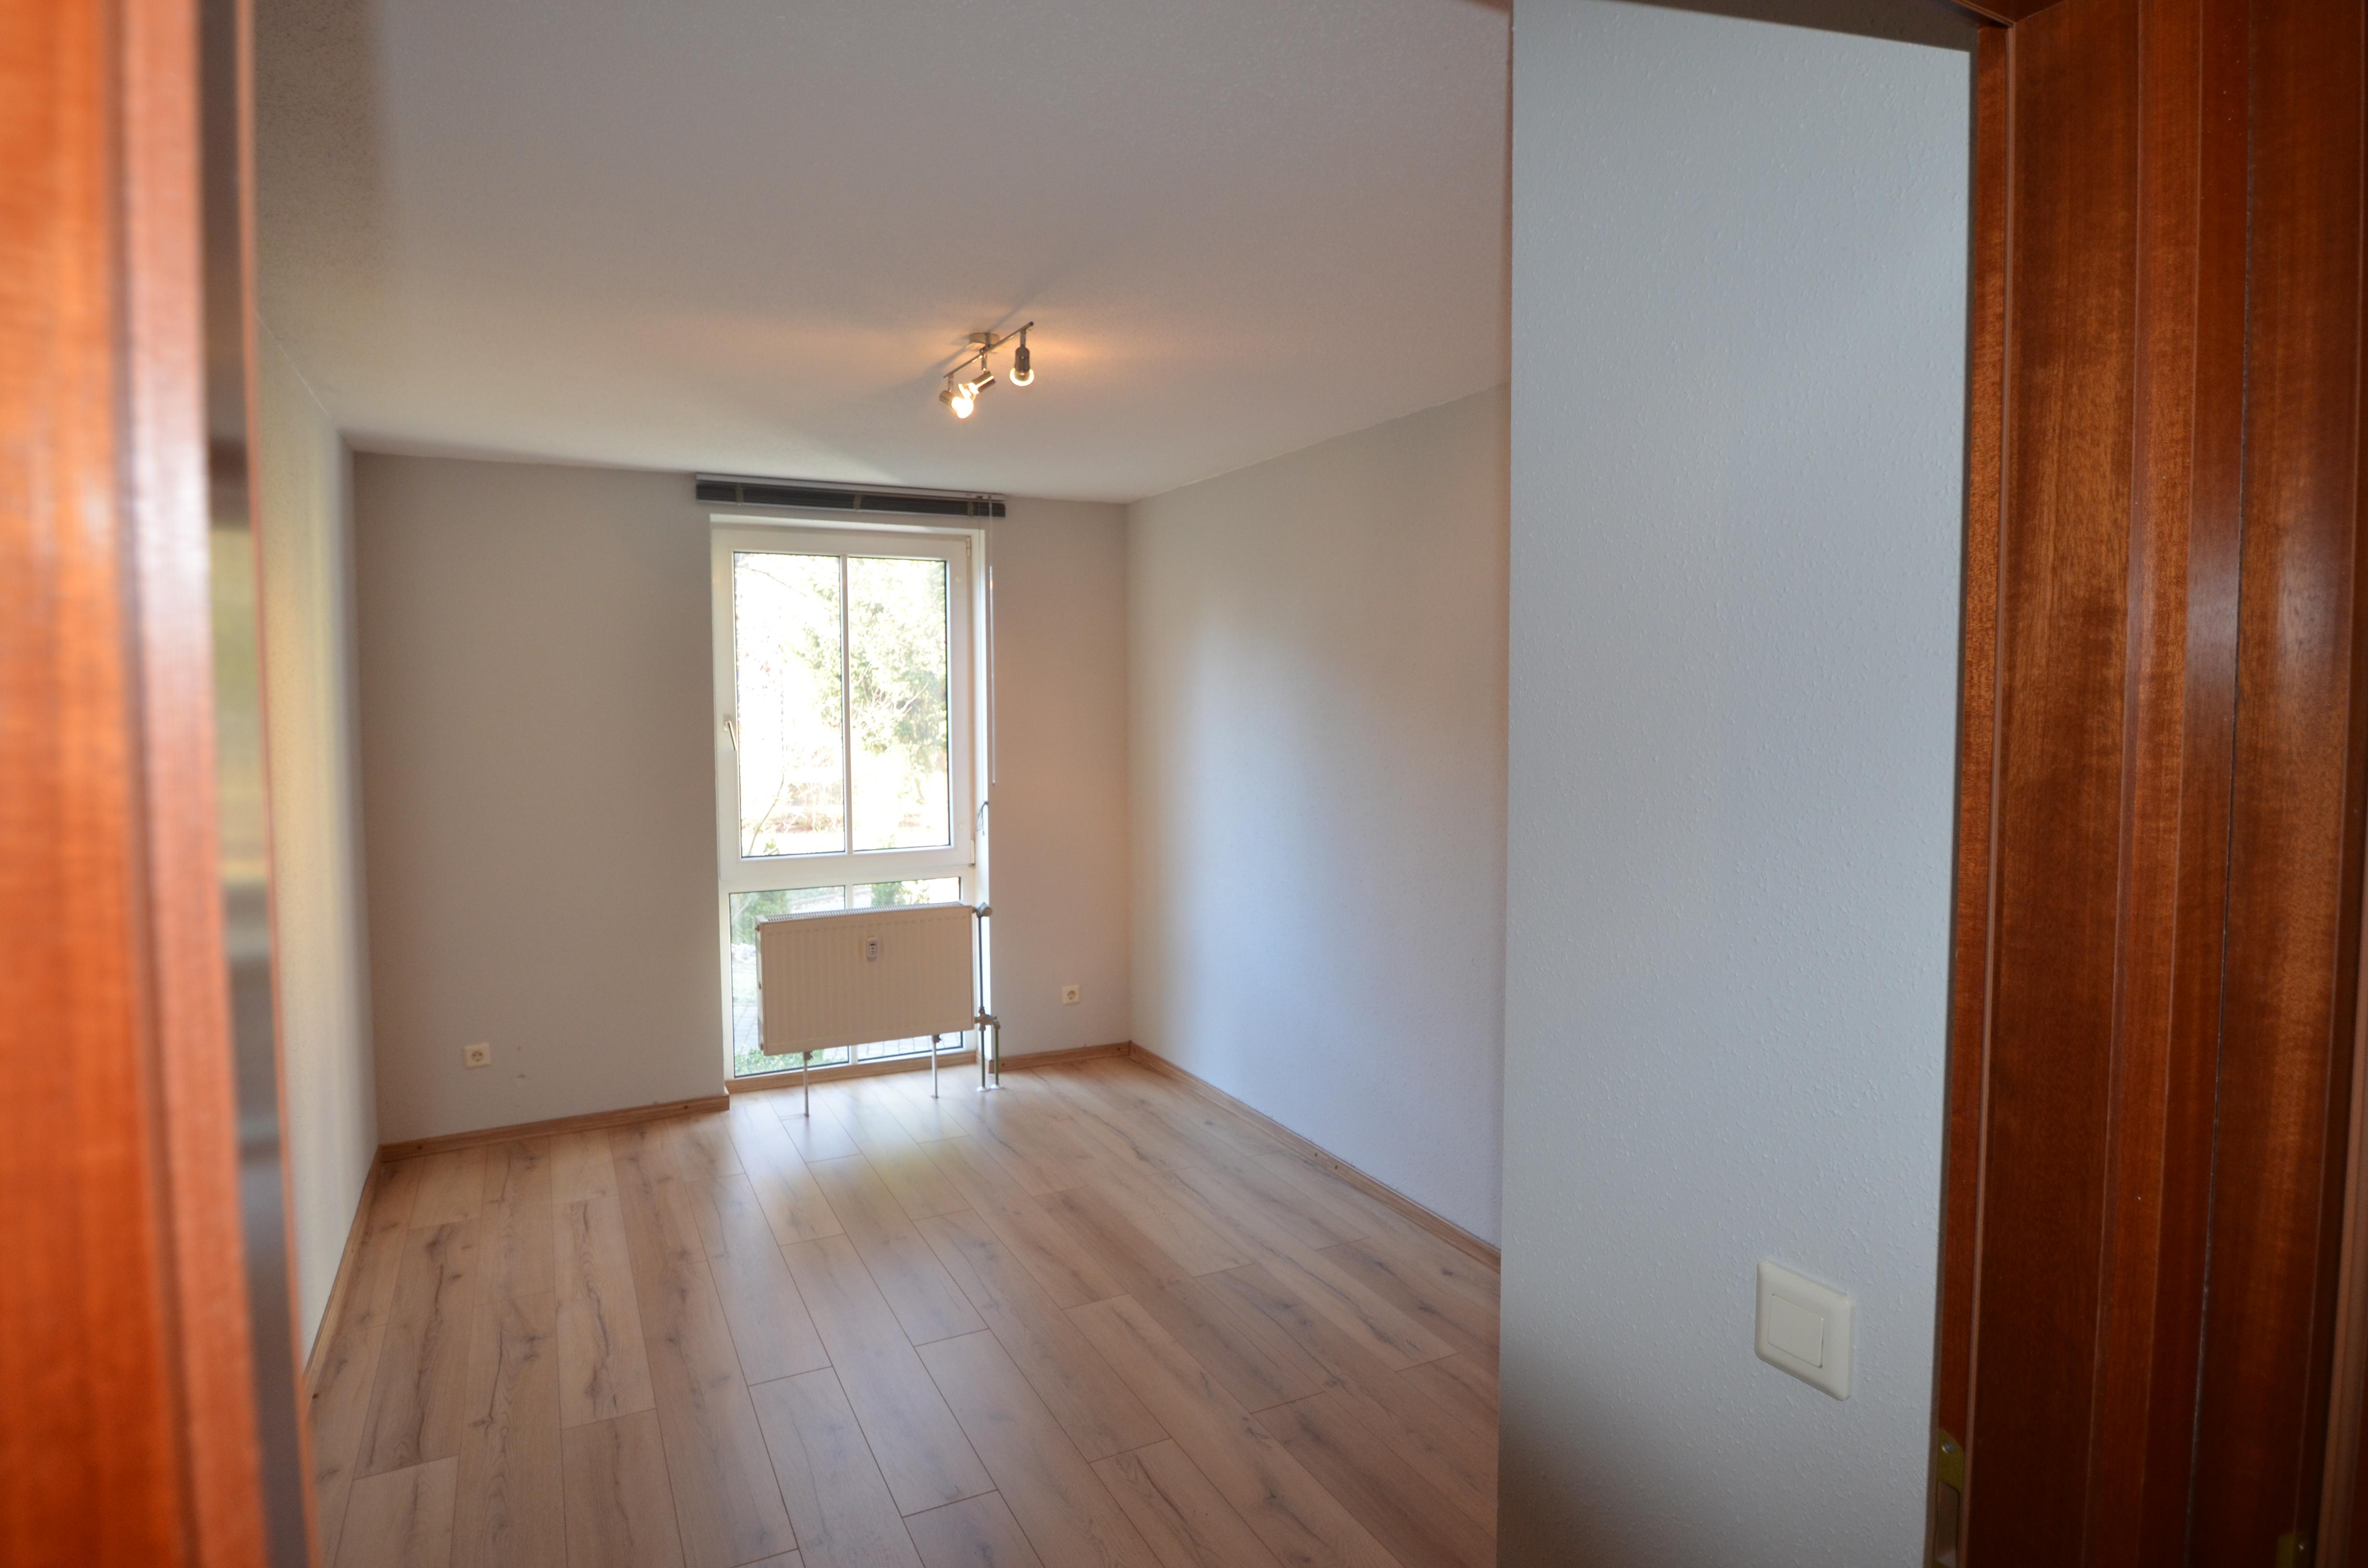 Neu renoviertes 1-Zimmer-Apartment mit 1 TG-Stellplatz zum Selbstbezug oder als Kapitalanlage